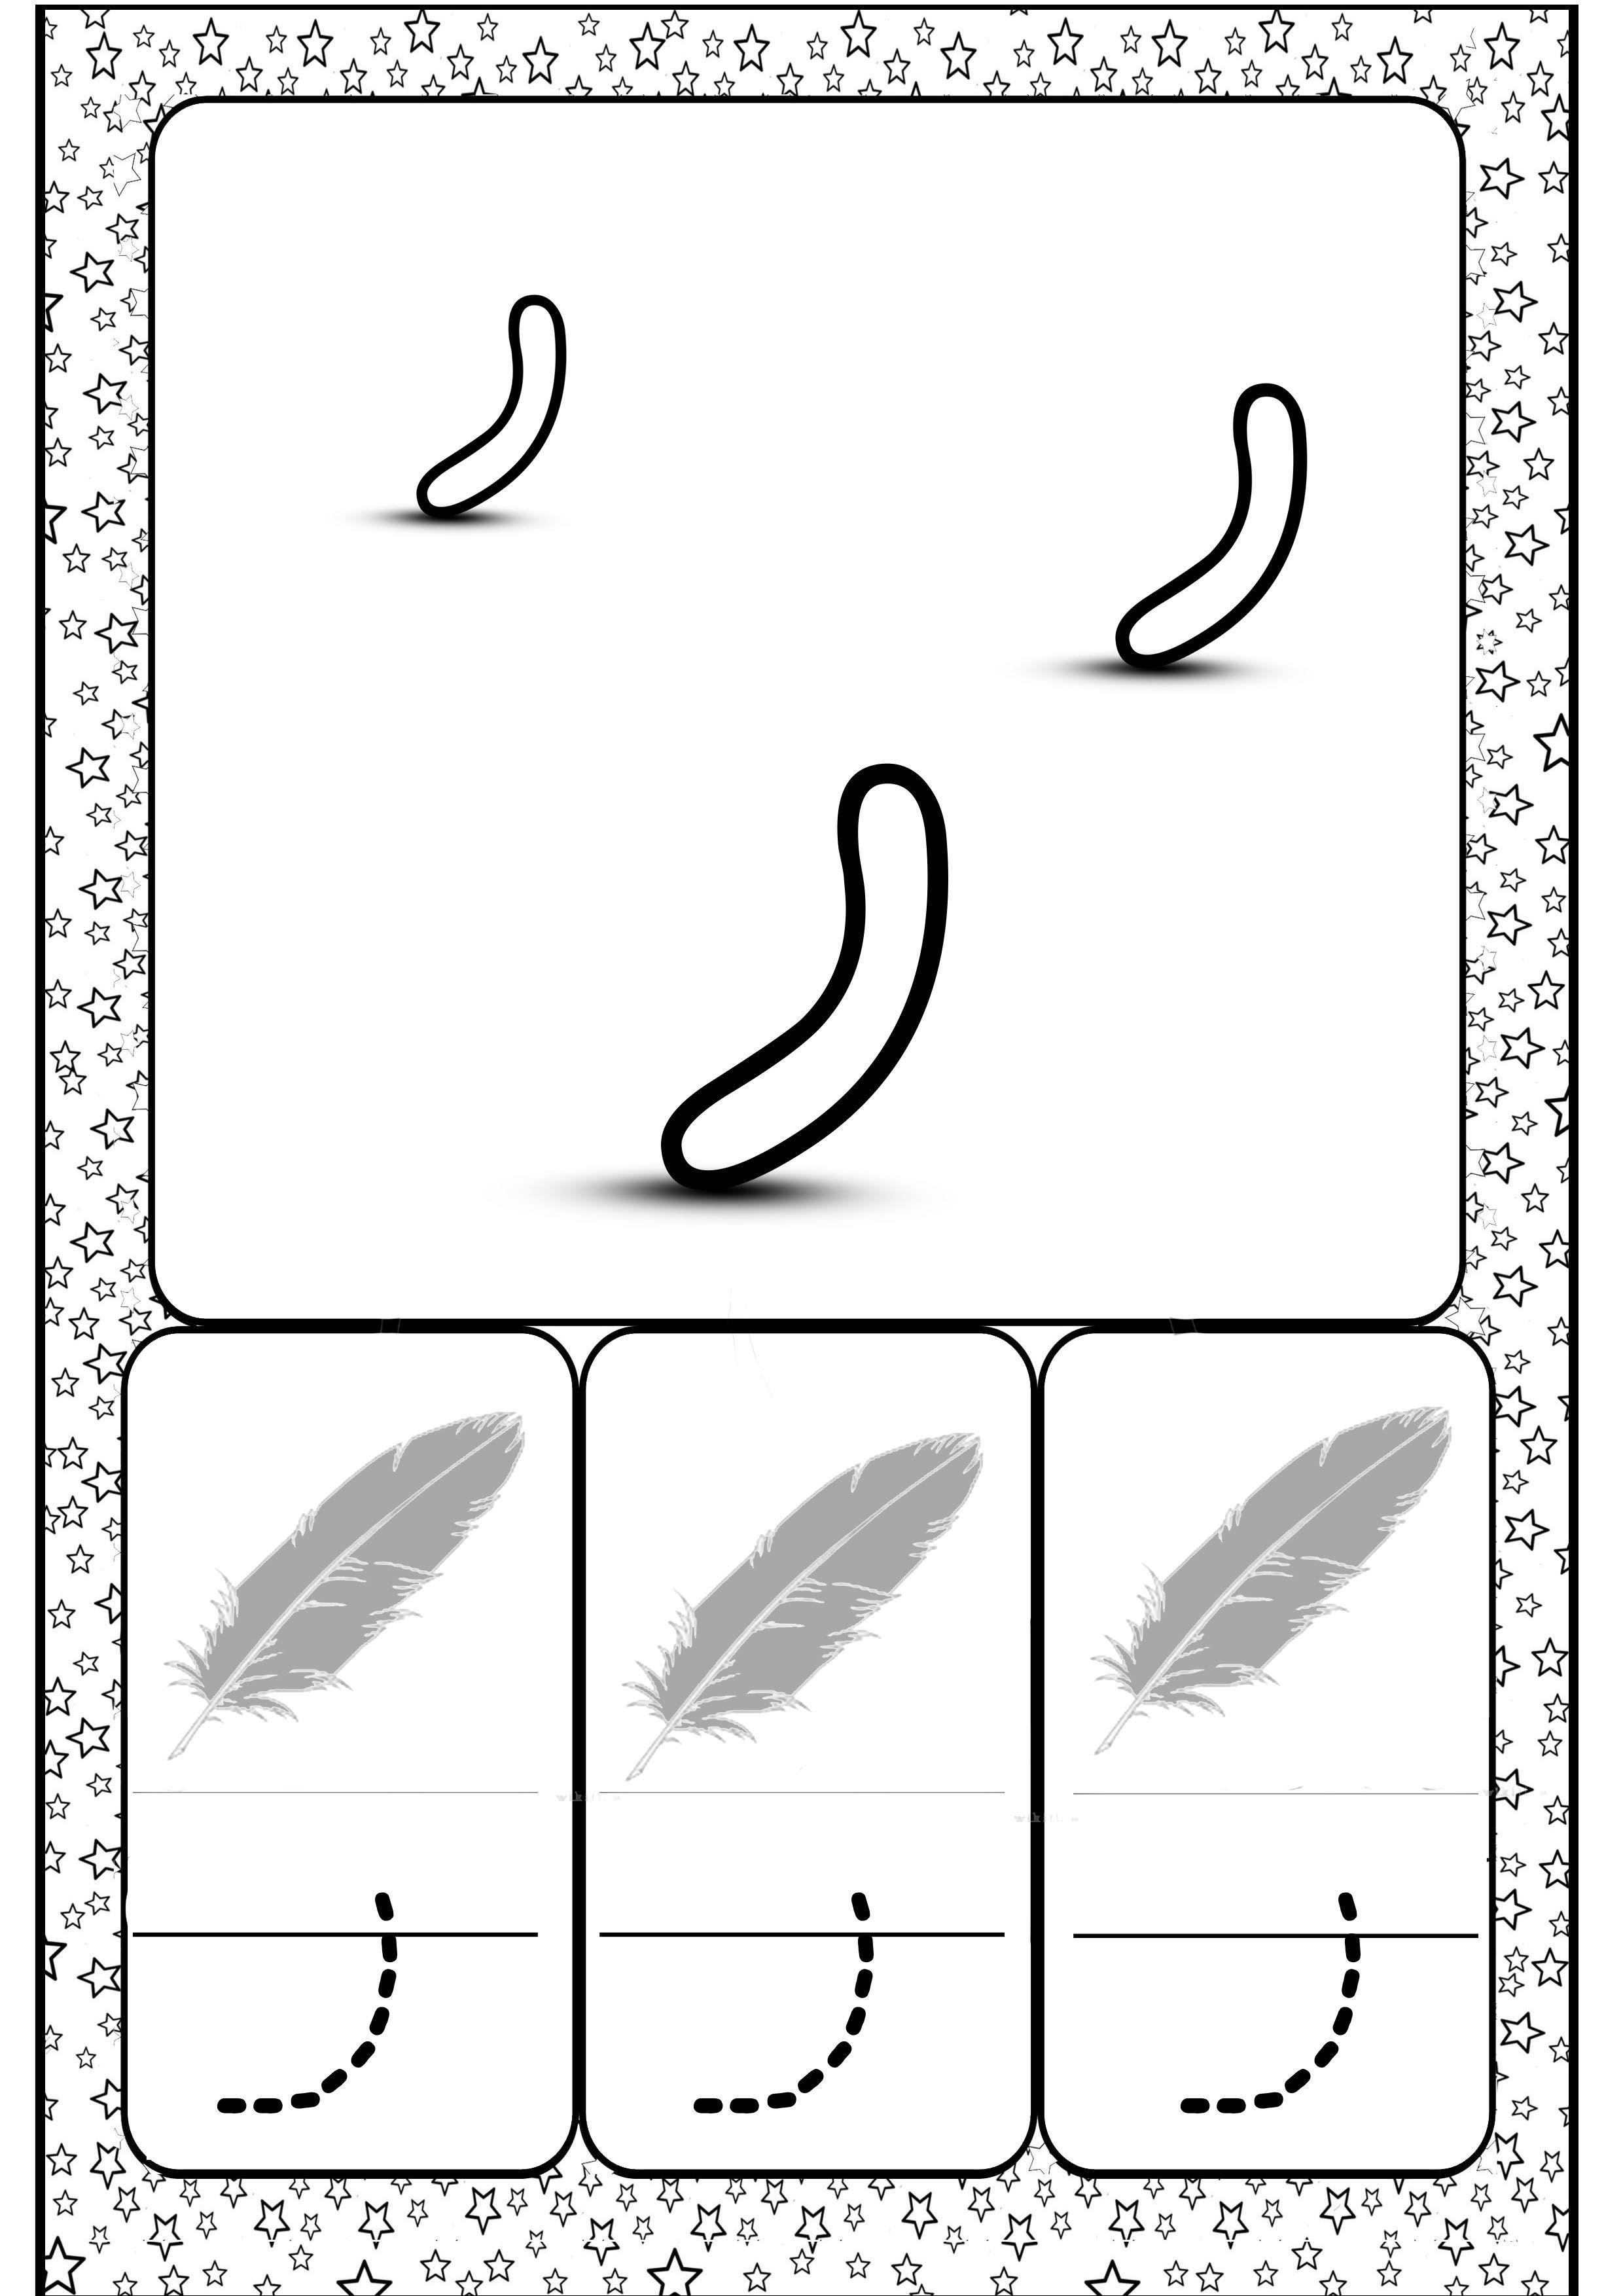 Learn Arabic Alphabet Image By Elyamama On A4